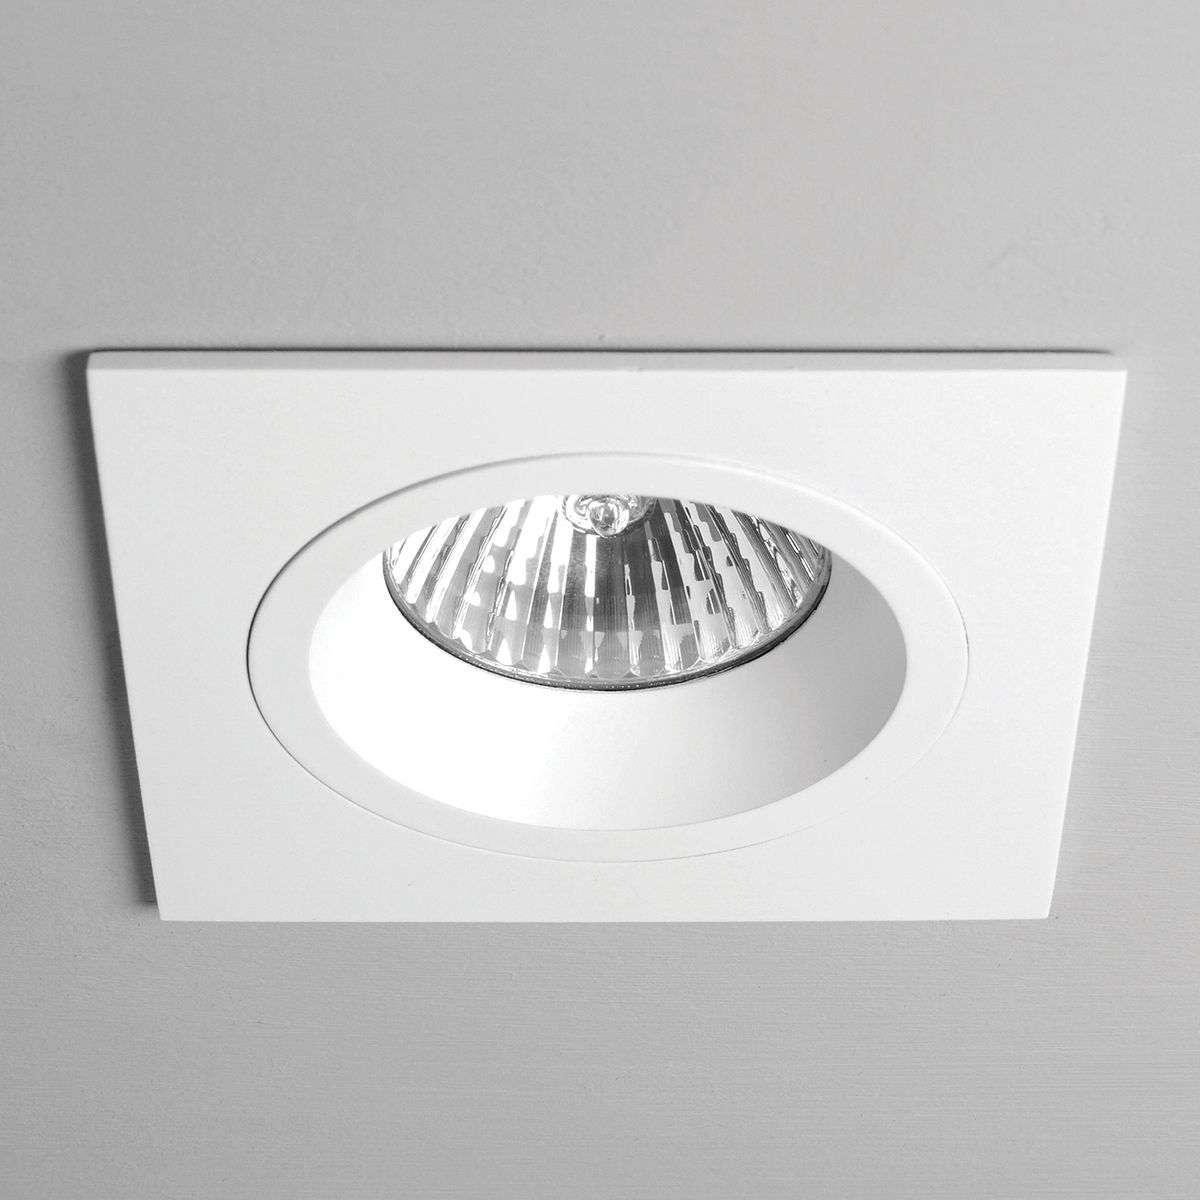 Taro Built-In Ceiling Spotlight Square Rigid White-1020358-32